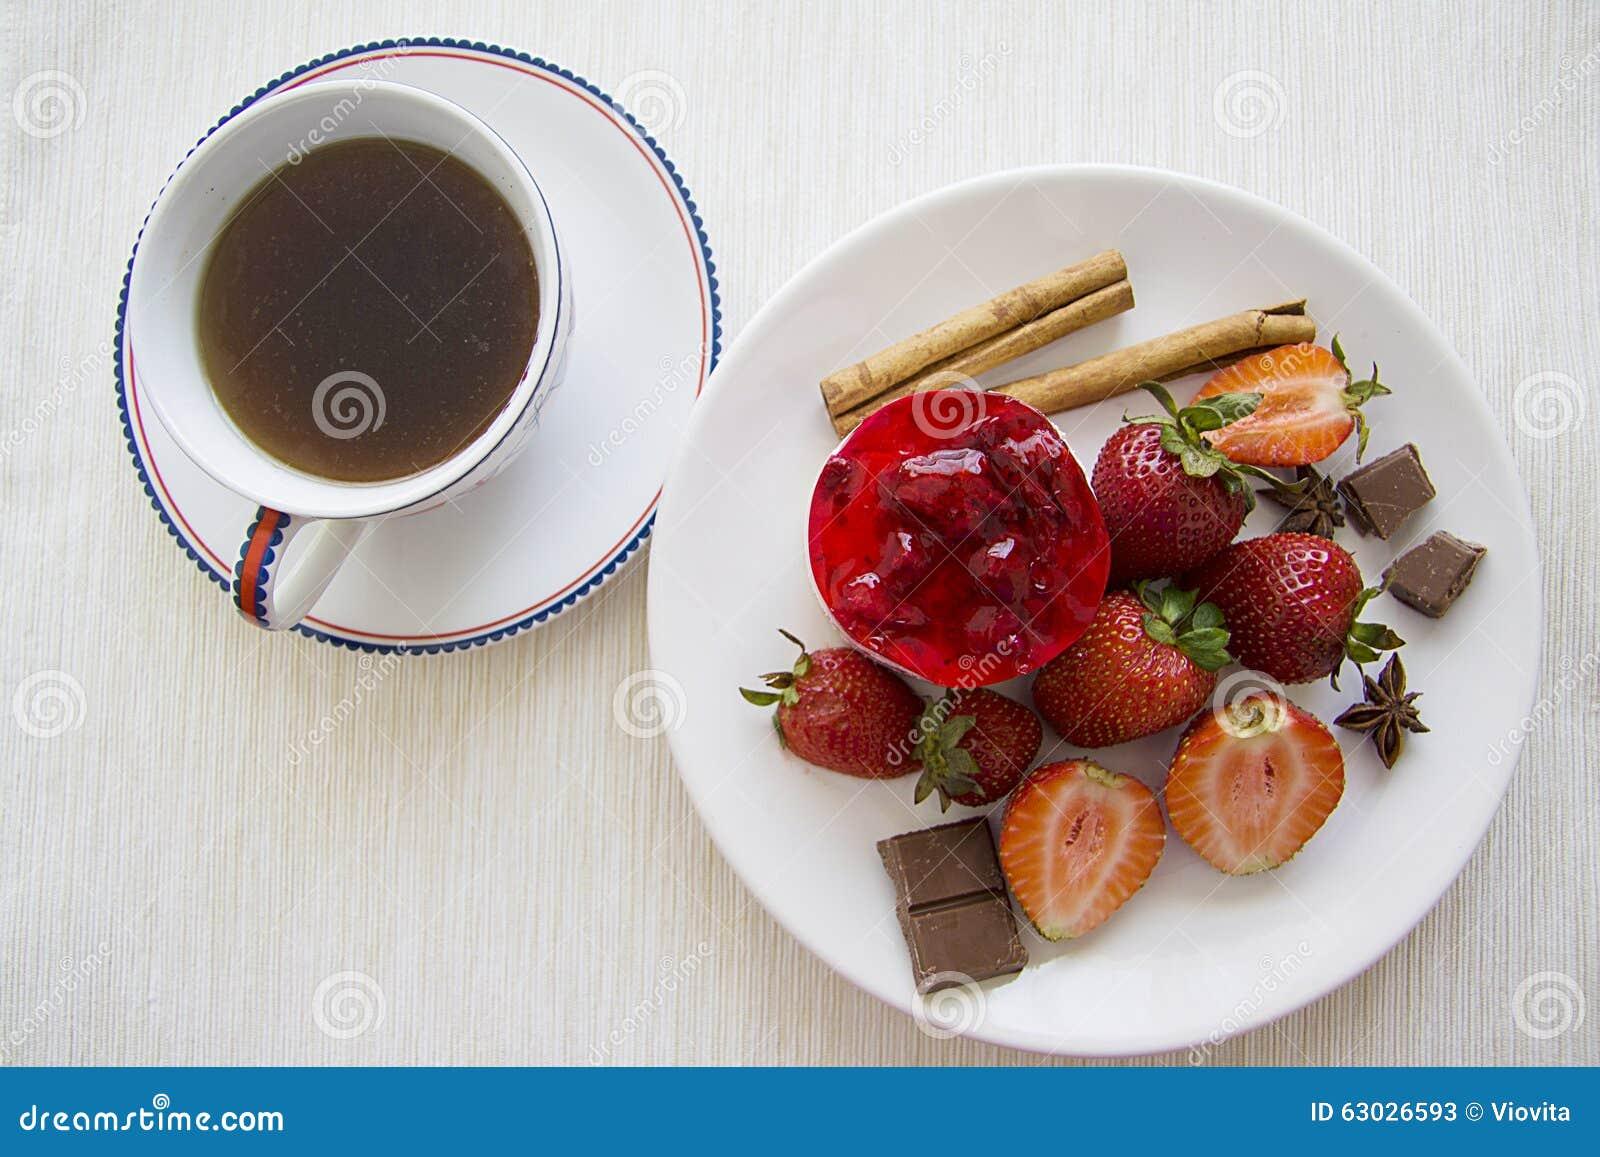 gateau framboise dans une tasse les recettes populaires blogue le blog des g teaux. Black Bedroom Furniture Sets. Home Design Ideas